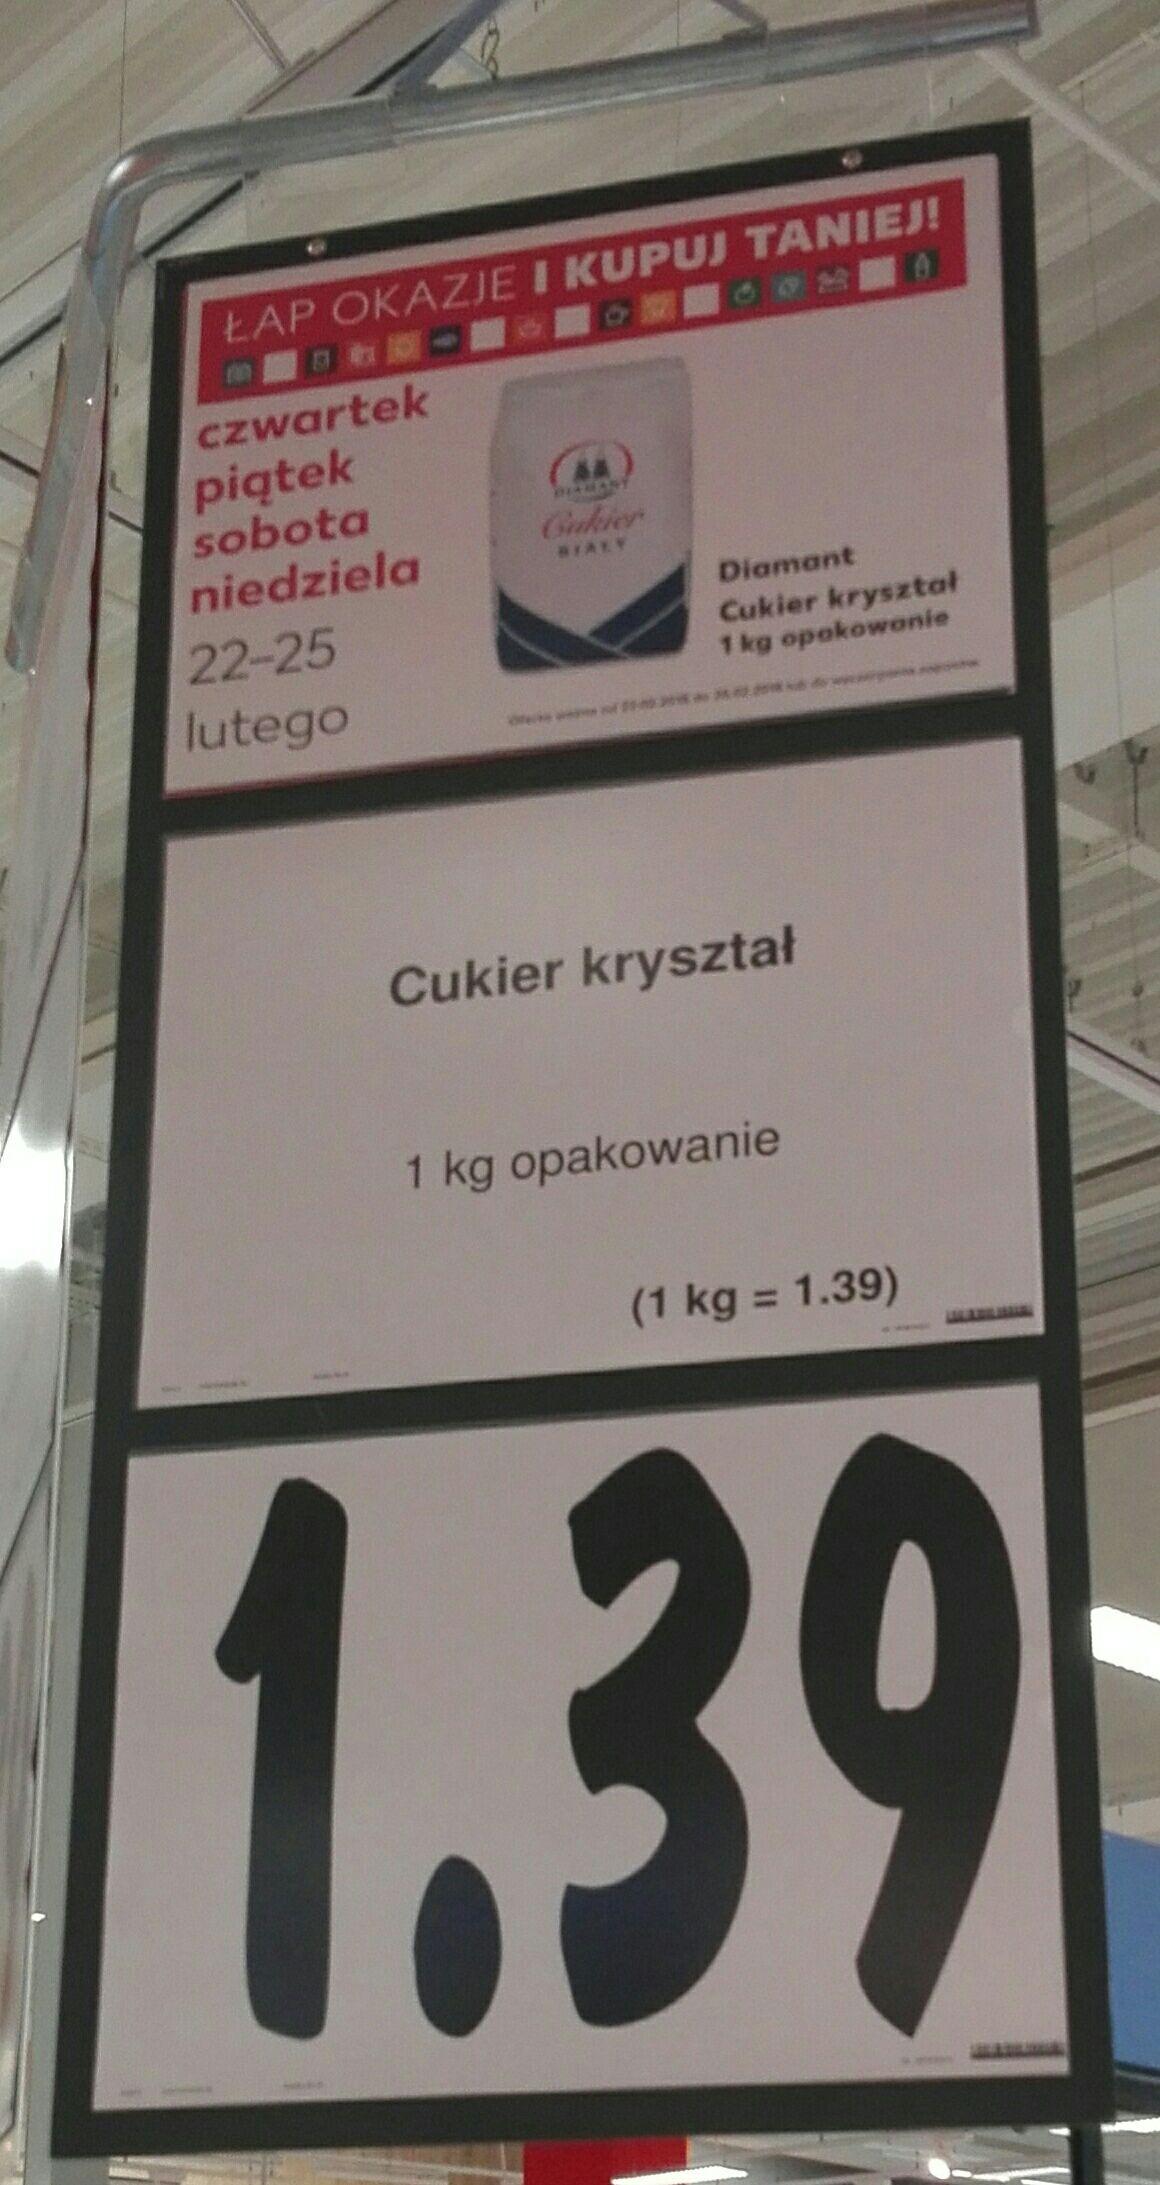 Cukier kryształ cena za kg - Kaufland